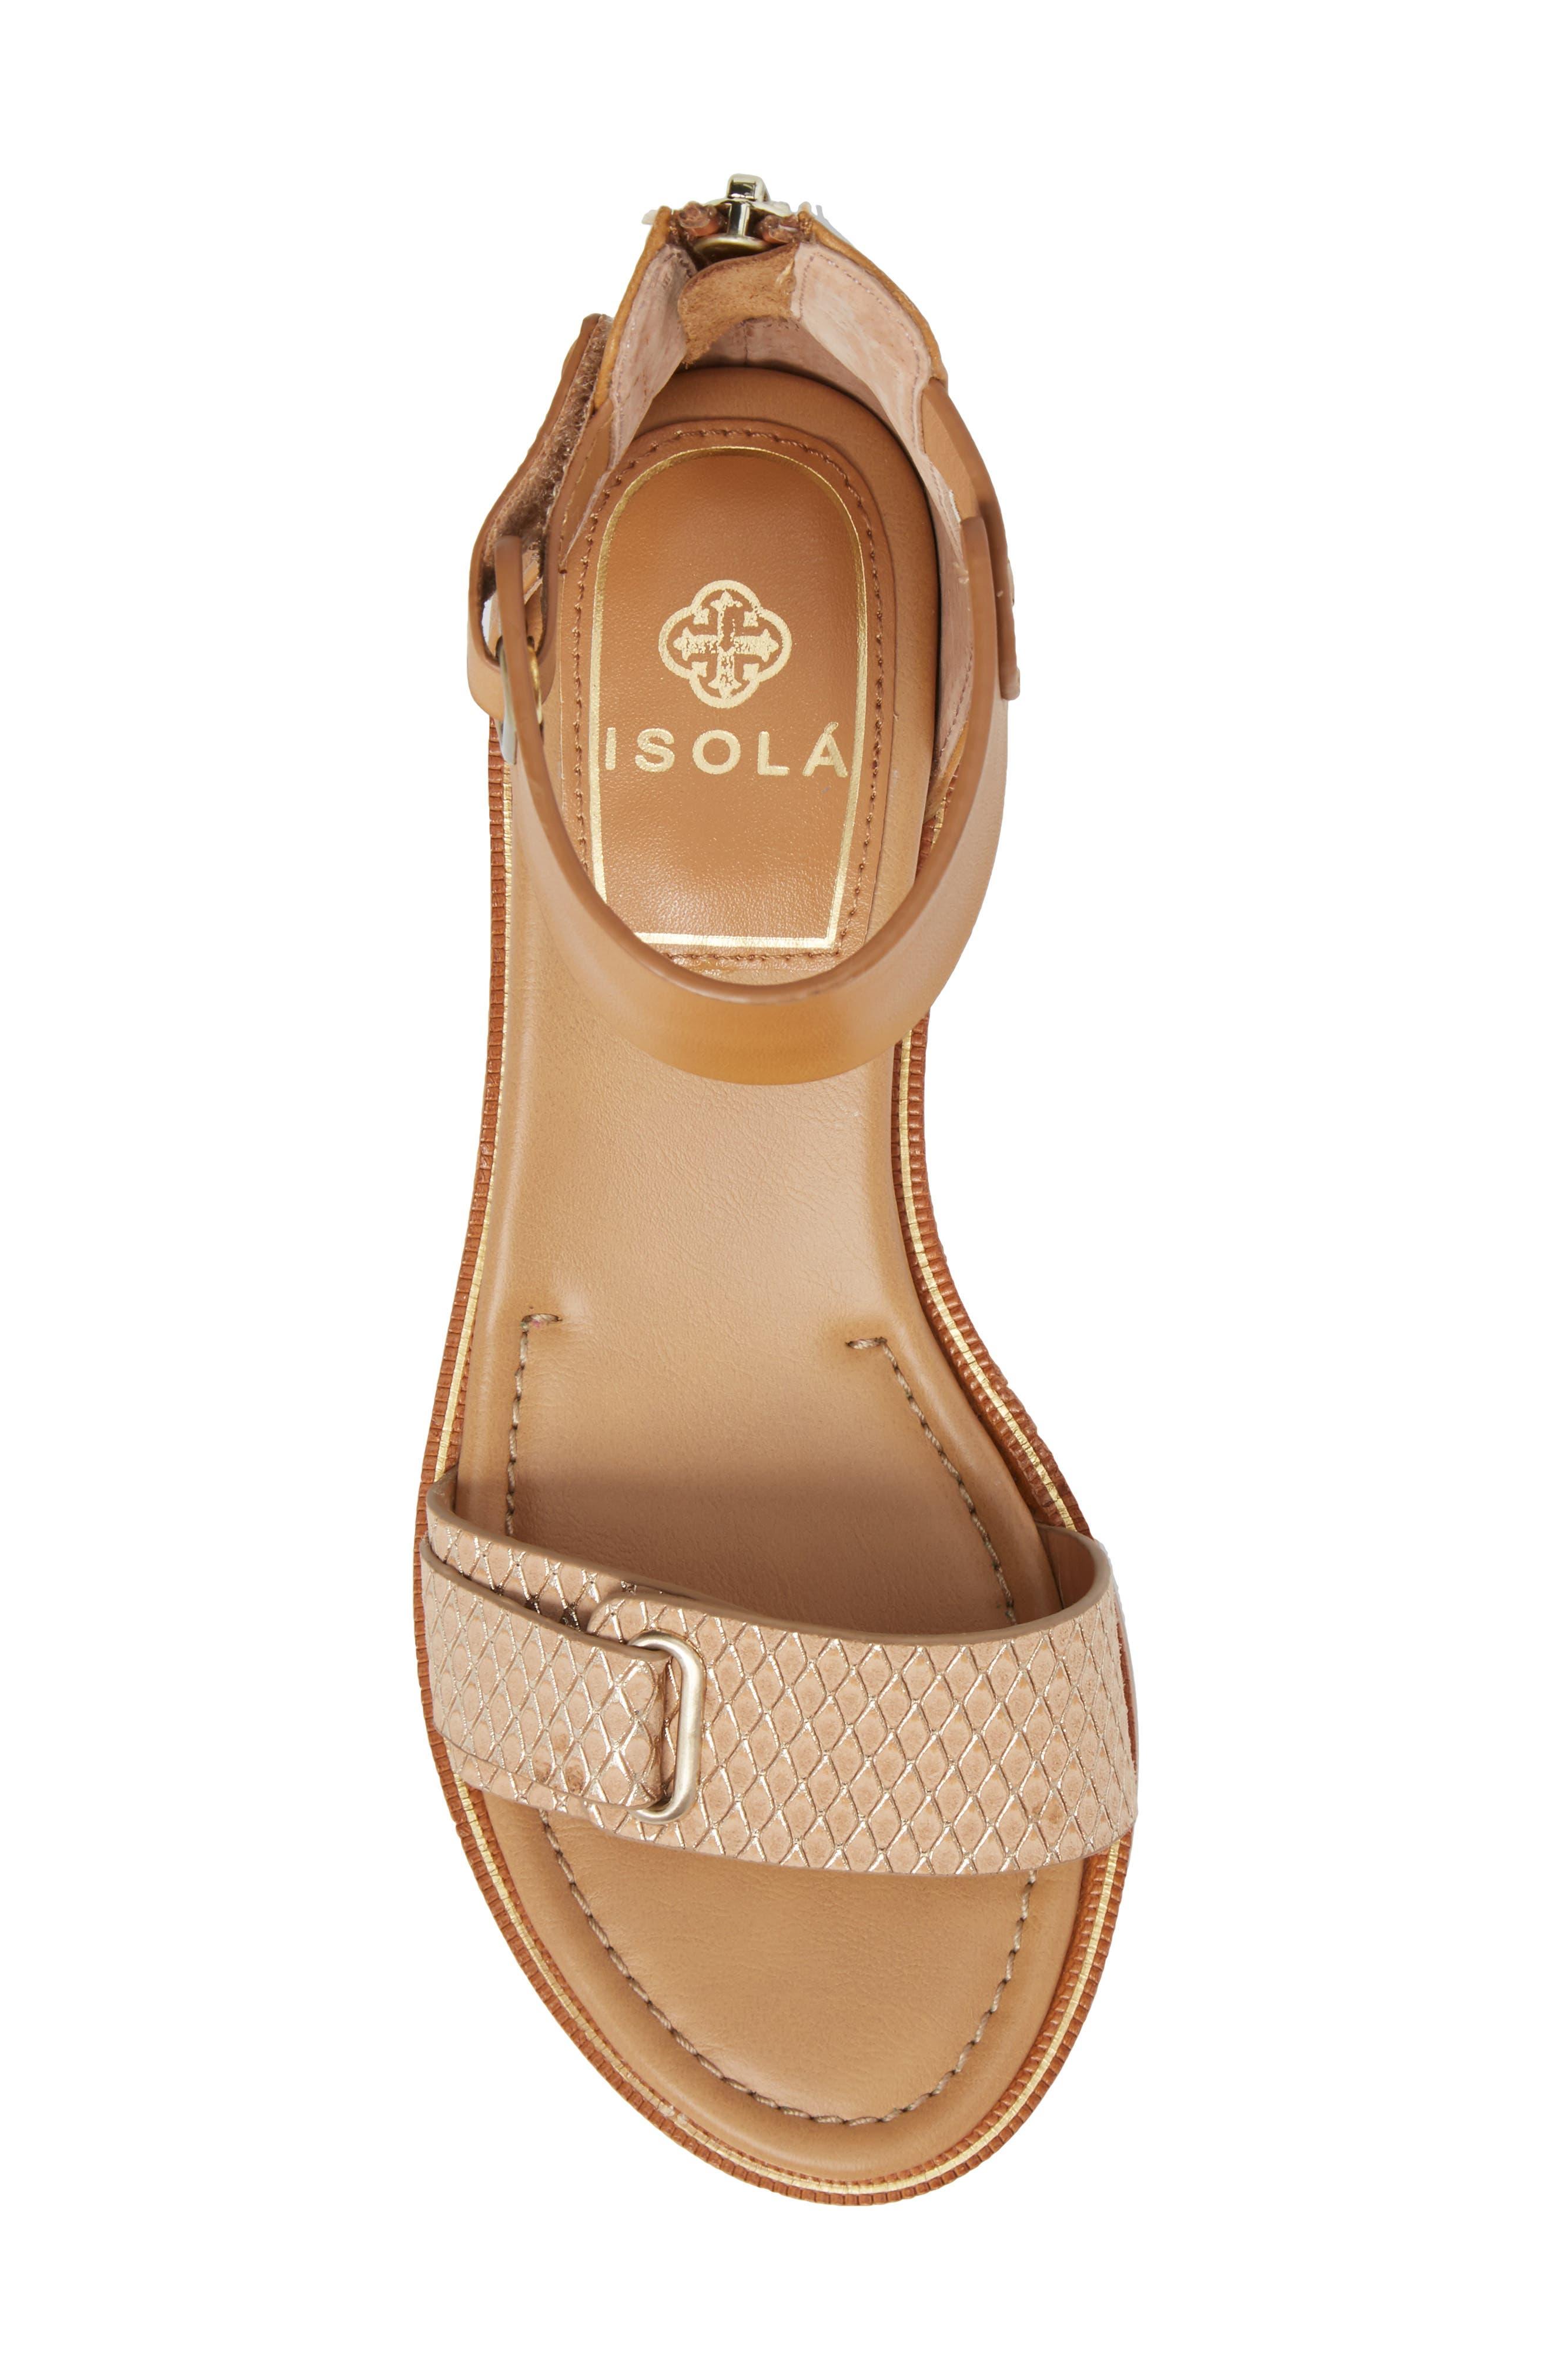 Savina Ankle Strap Sandal,                             Alternate thumbnail 5, color,                             Gold/ Desert Sand Leather